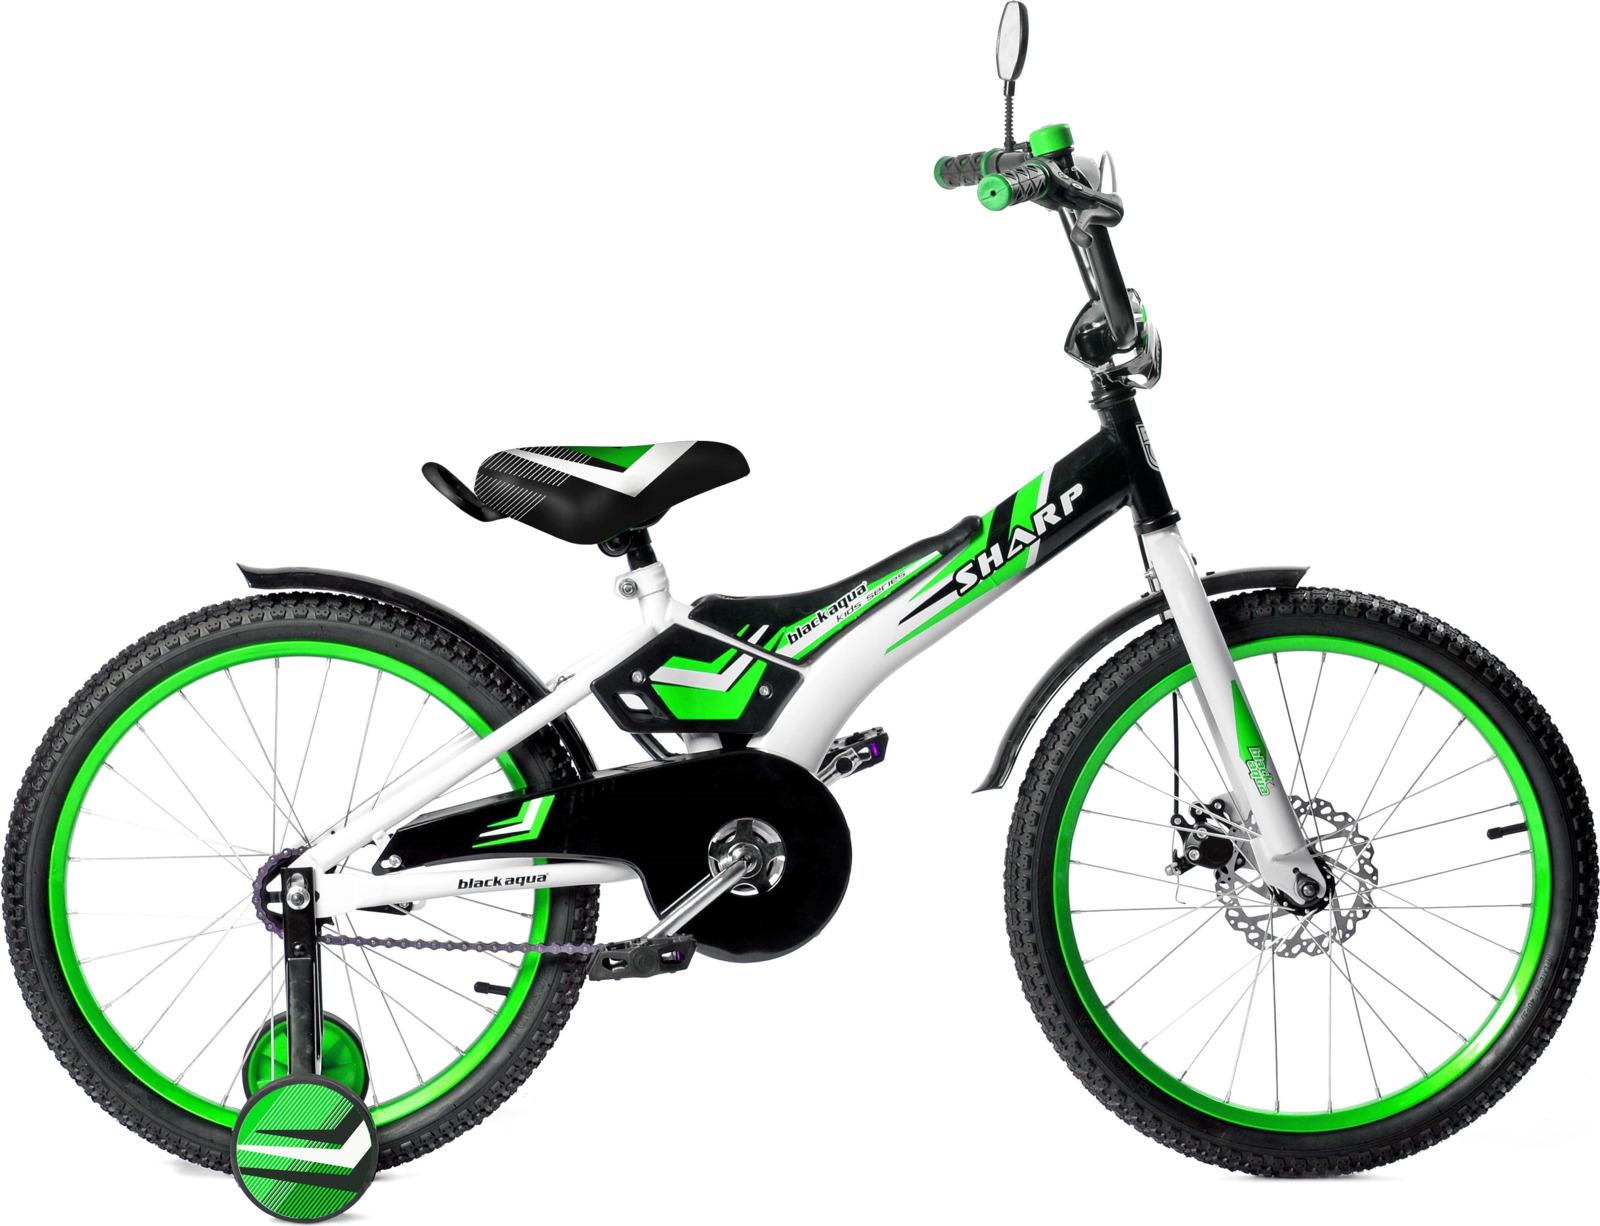 Велосипед детский Black Aqua Sharp, KG1810, со светящимися колесами, колесо 18, зеленый